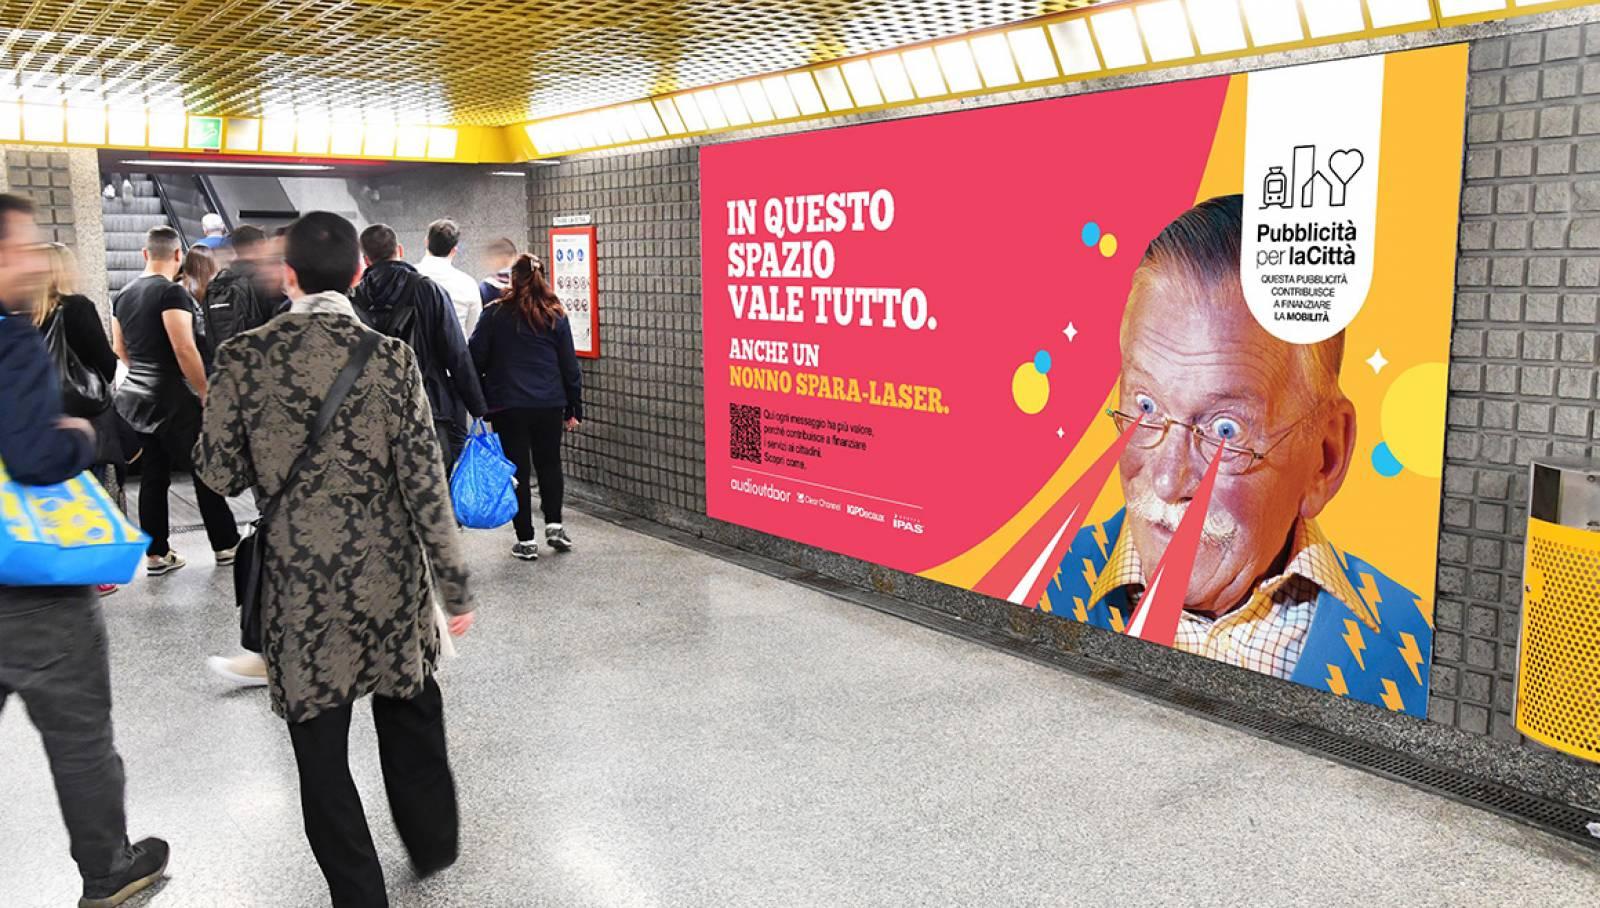 """IGPDecaux Clear Channel IPAS pubblicità per la città campagna """"In questo spazio vale tutto"""" Circuito Maxi a Milano IGPDecaux"""